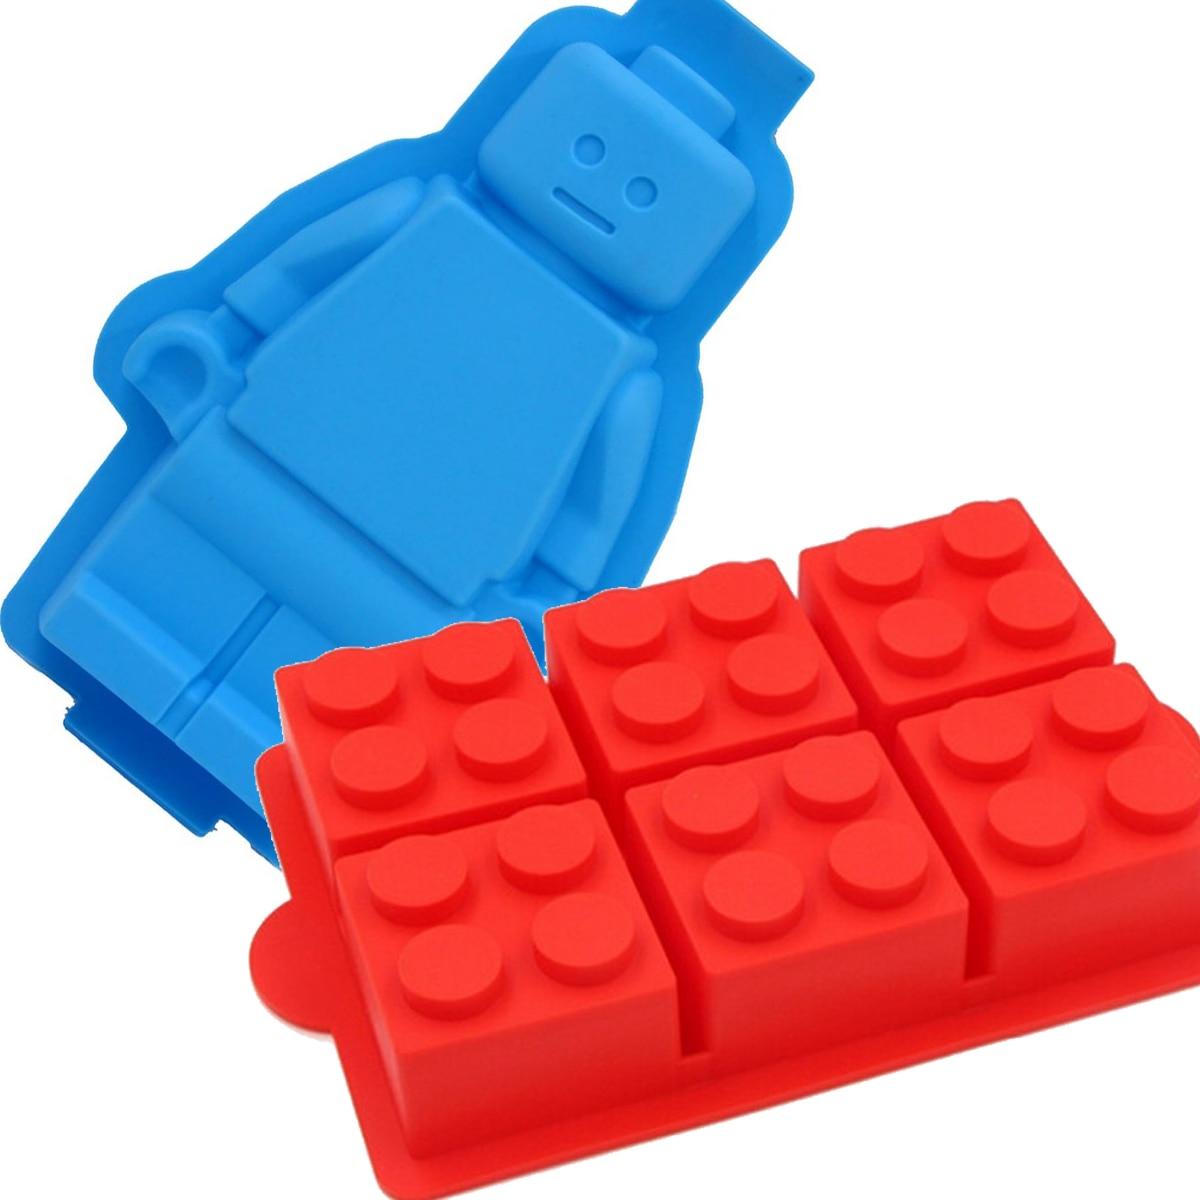 Gran Lego bloques de robots molde en forma de pastel decoración herramientas de silicona de molde de hielo de 6 ladrillos herramientas helados bañeras molde de pastel de silicona